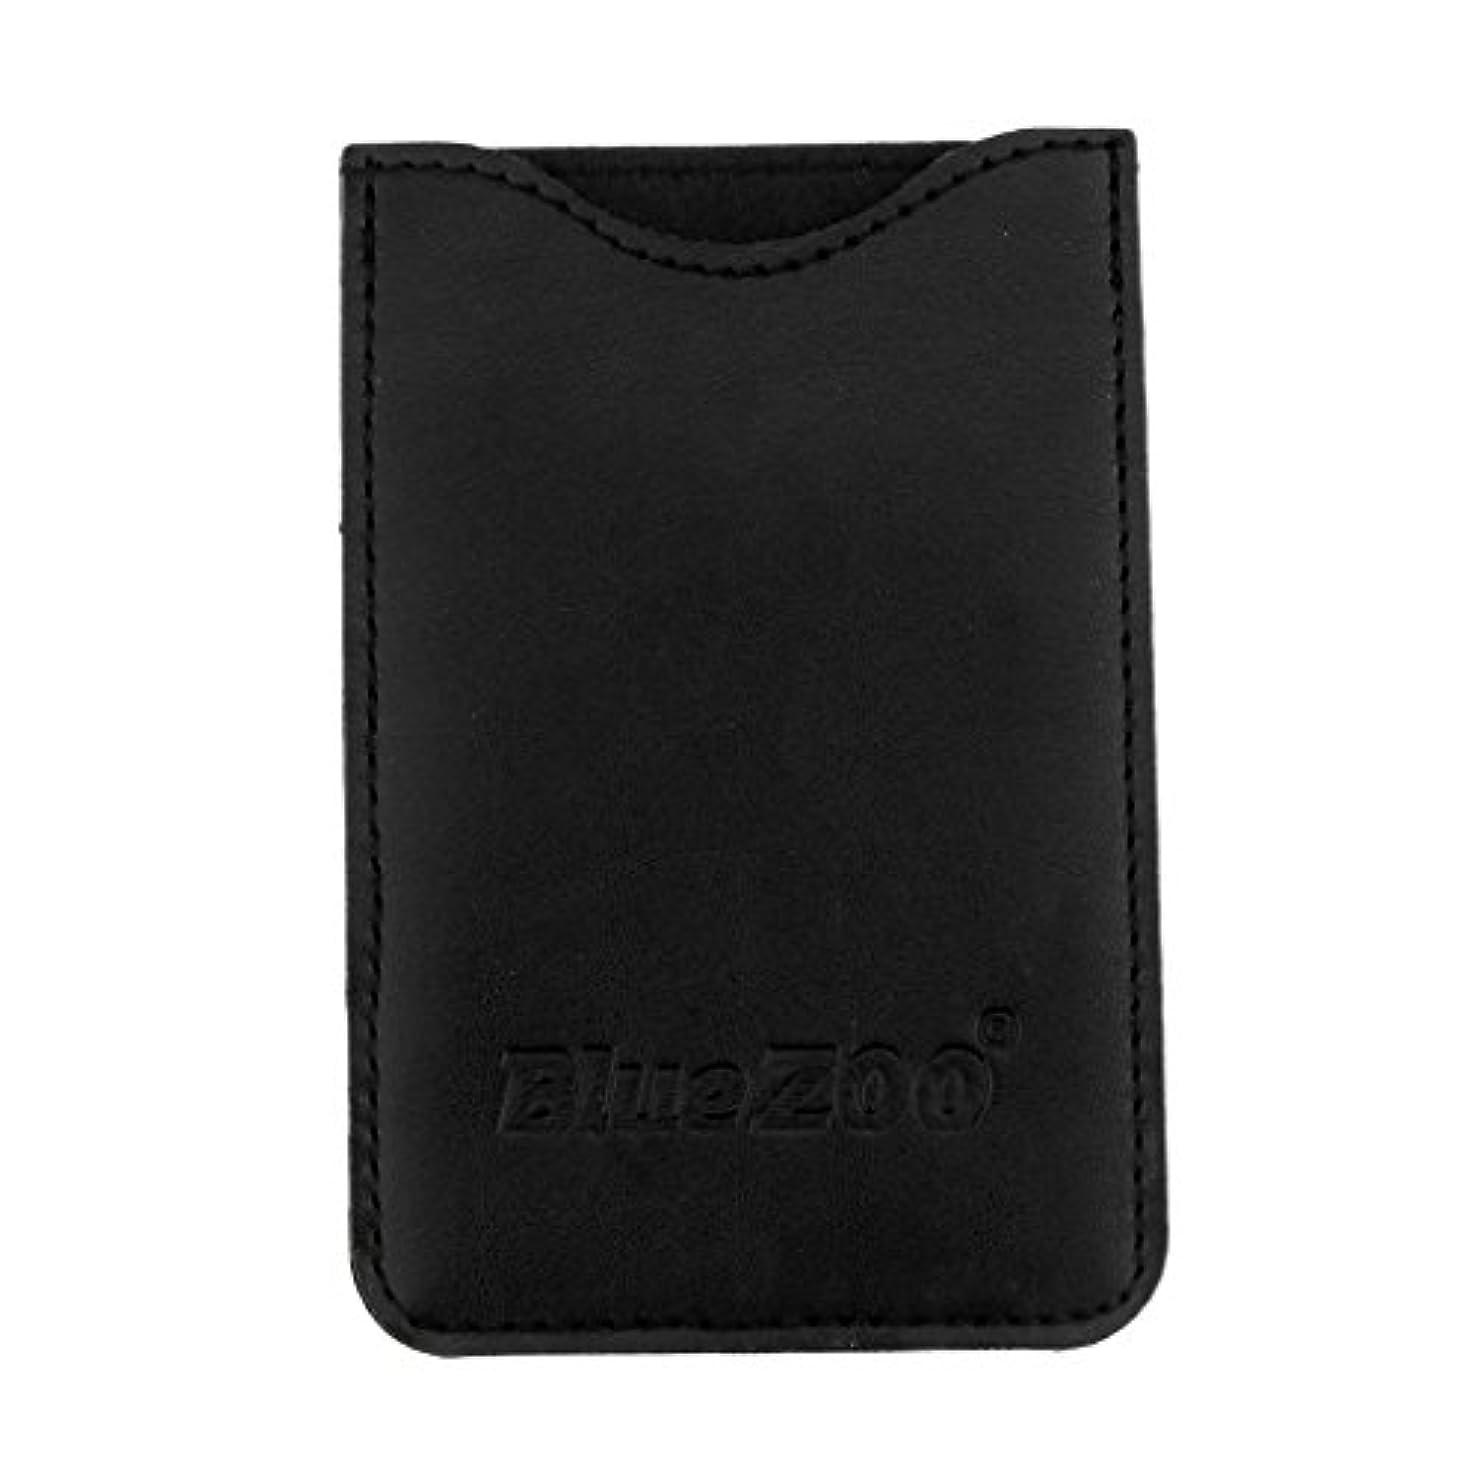 ルール不完全なあたたかいToygogo PUレザー ポケット コームバッグ 櫛バッグ 収納パック 保護カバー 柔らかい 全2色 - ブラック